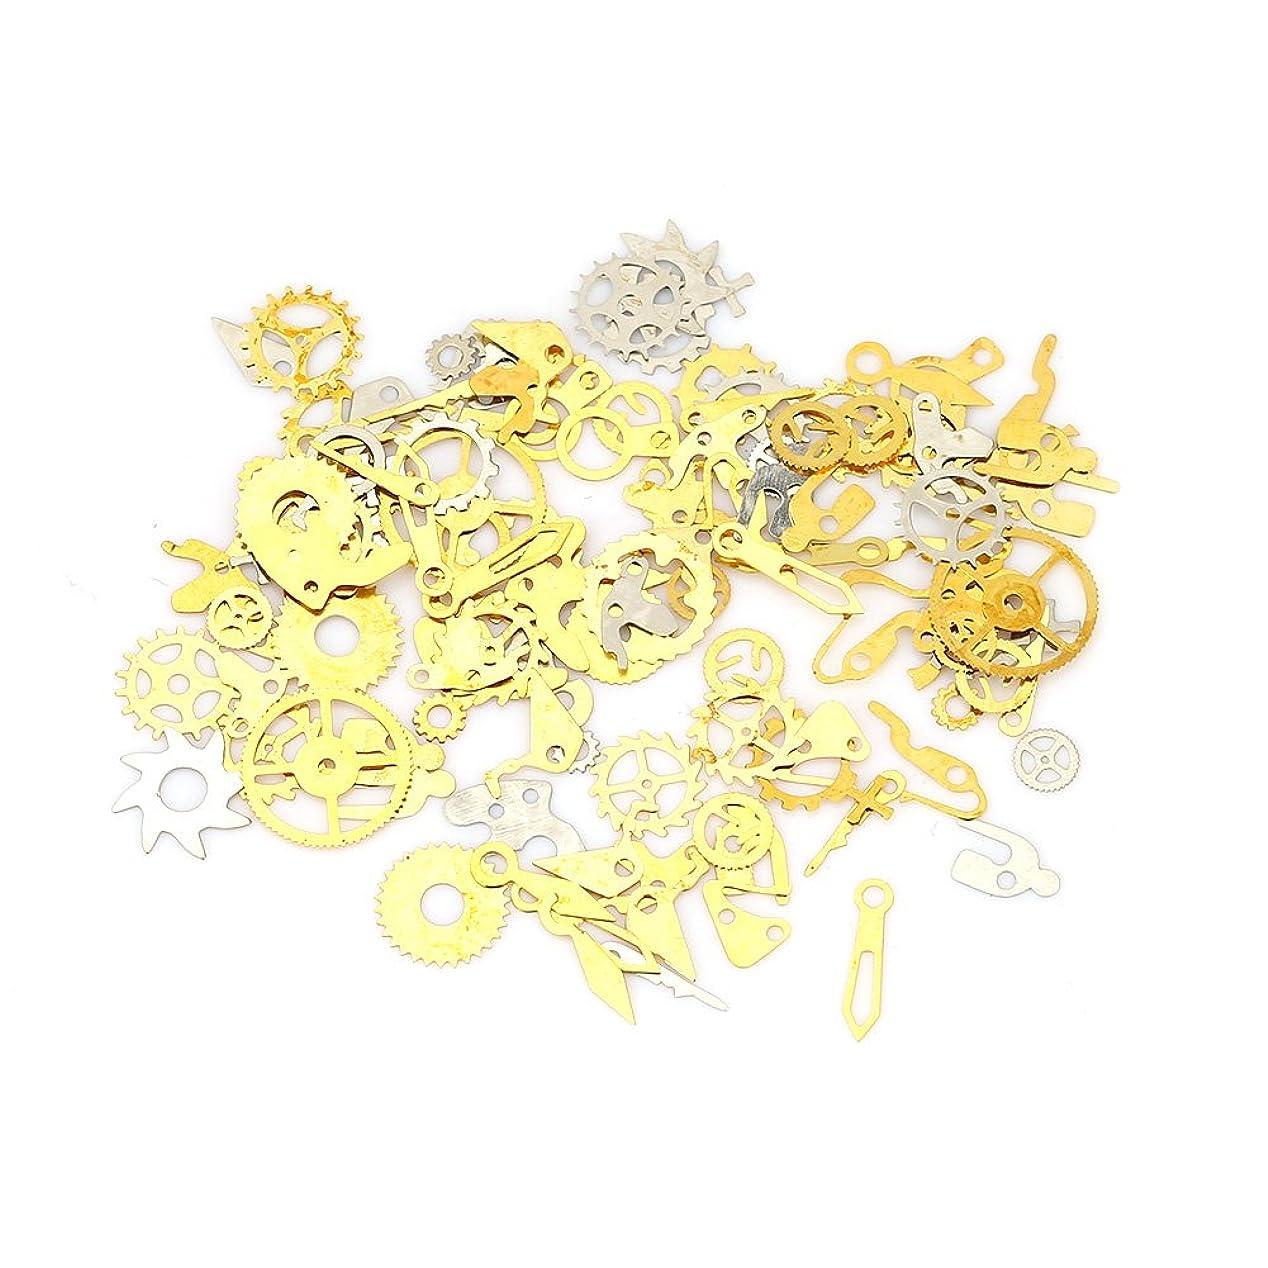 委託百年省ネイルチップ - Dewin つけ爪 キラキラ スチームパンク ギア デコレーション メタルシェルパーツ 収納ケース付き (Color : Silver)